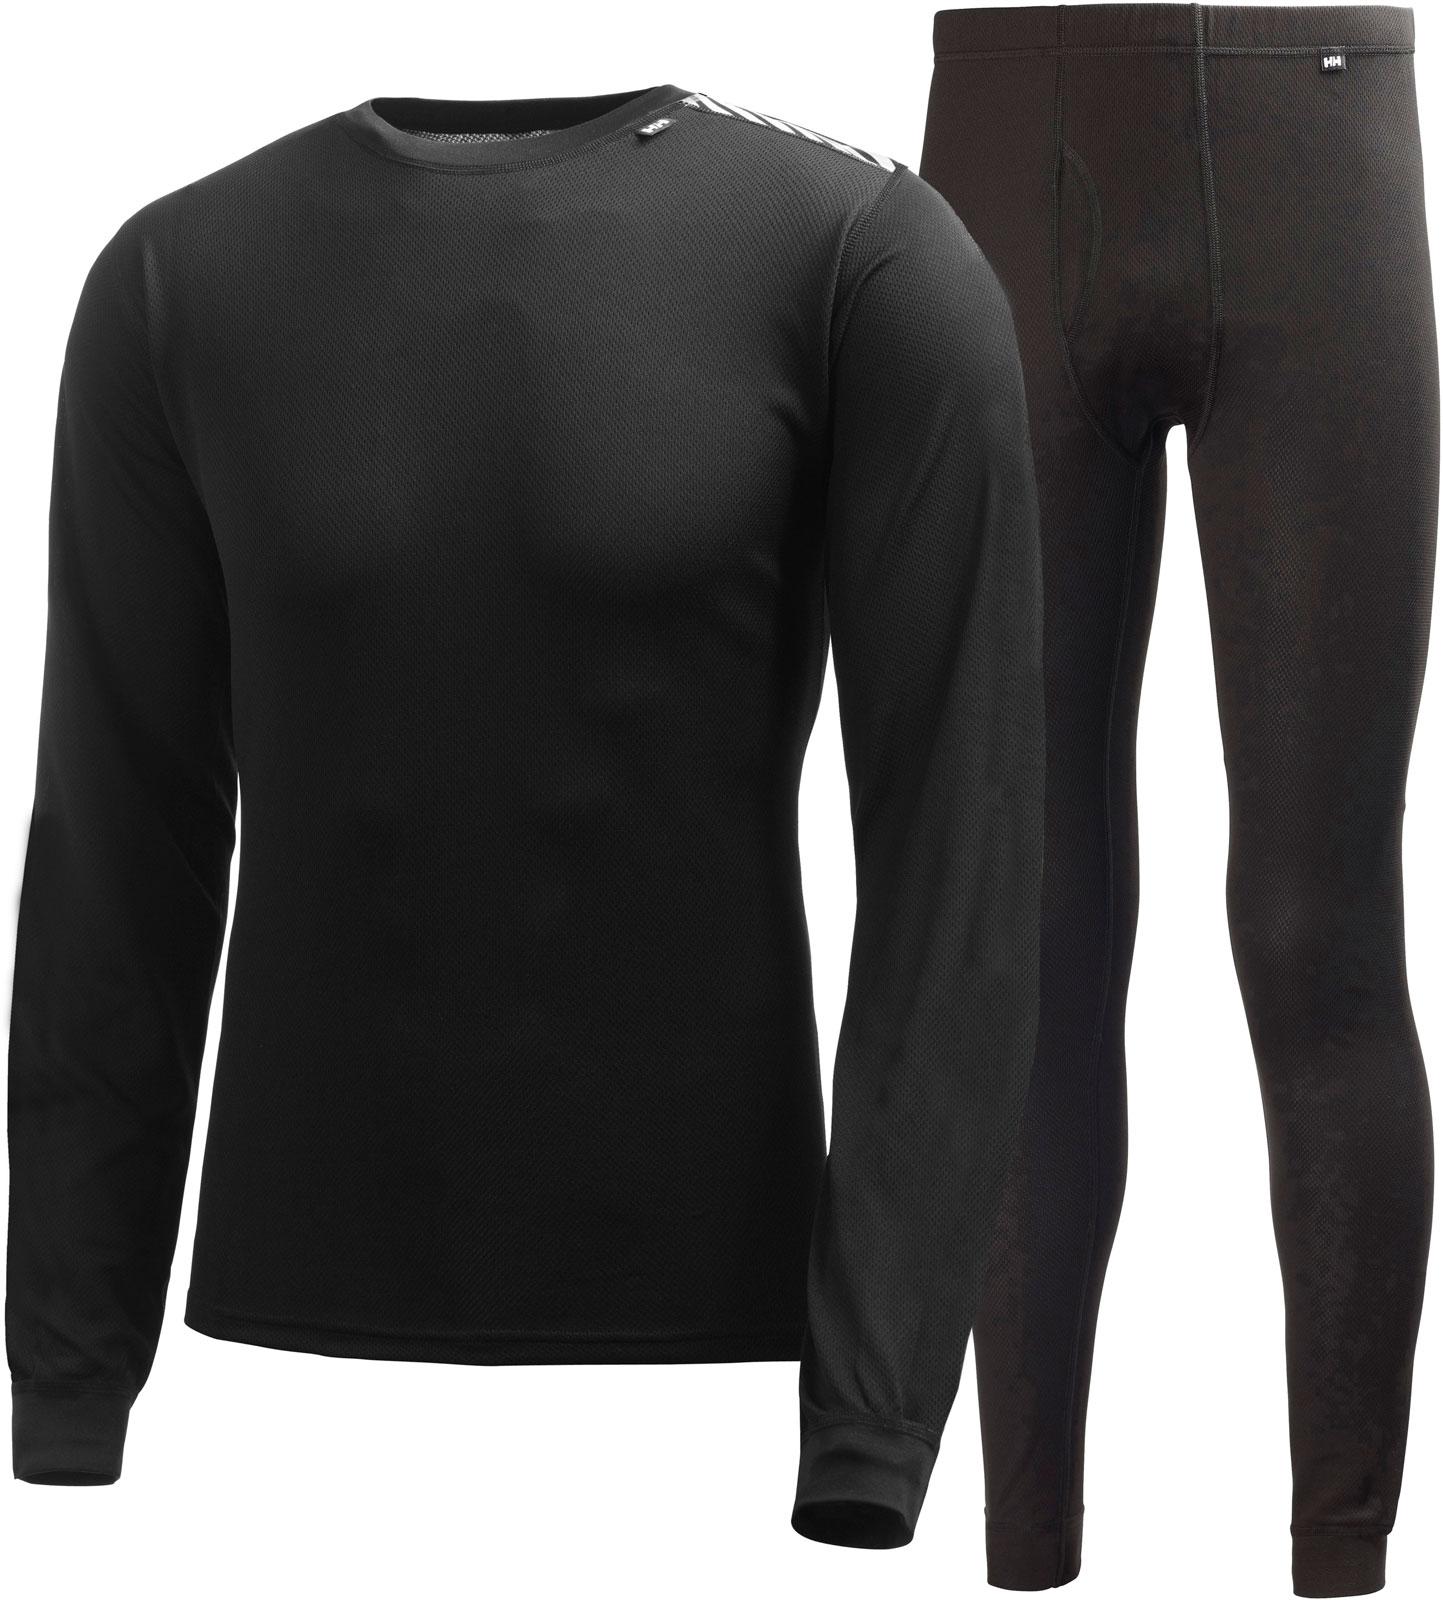 Комплект одежды мужской Helly Hansen Hh Comfort Light Set, цвет: черный. 48676_990. Размер XXL (54) все цены